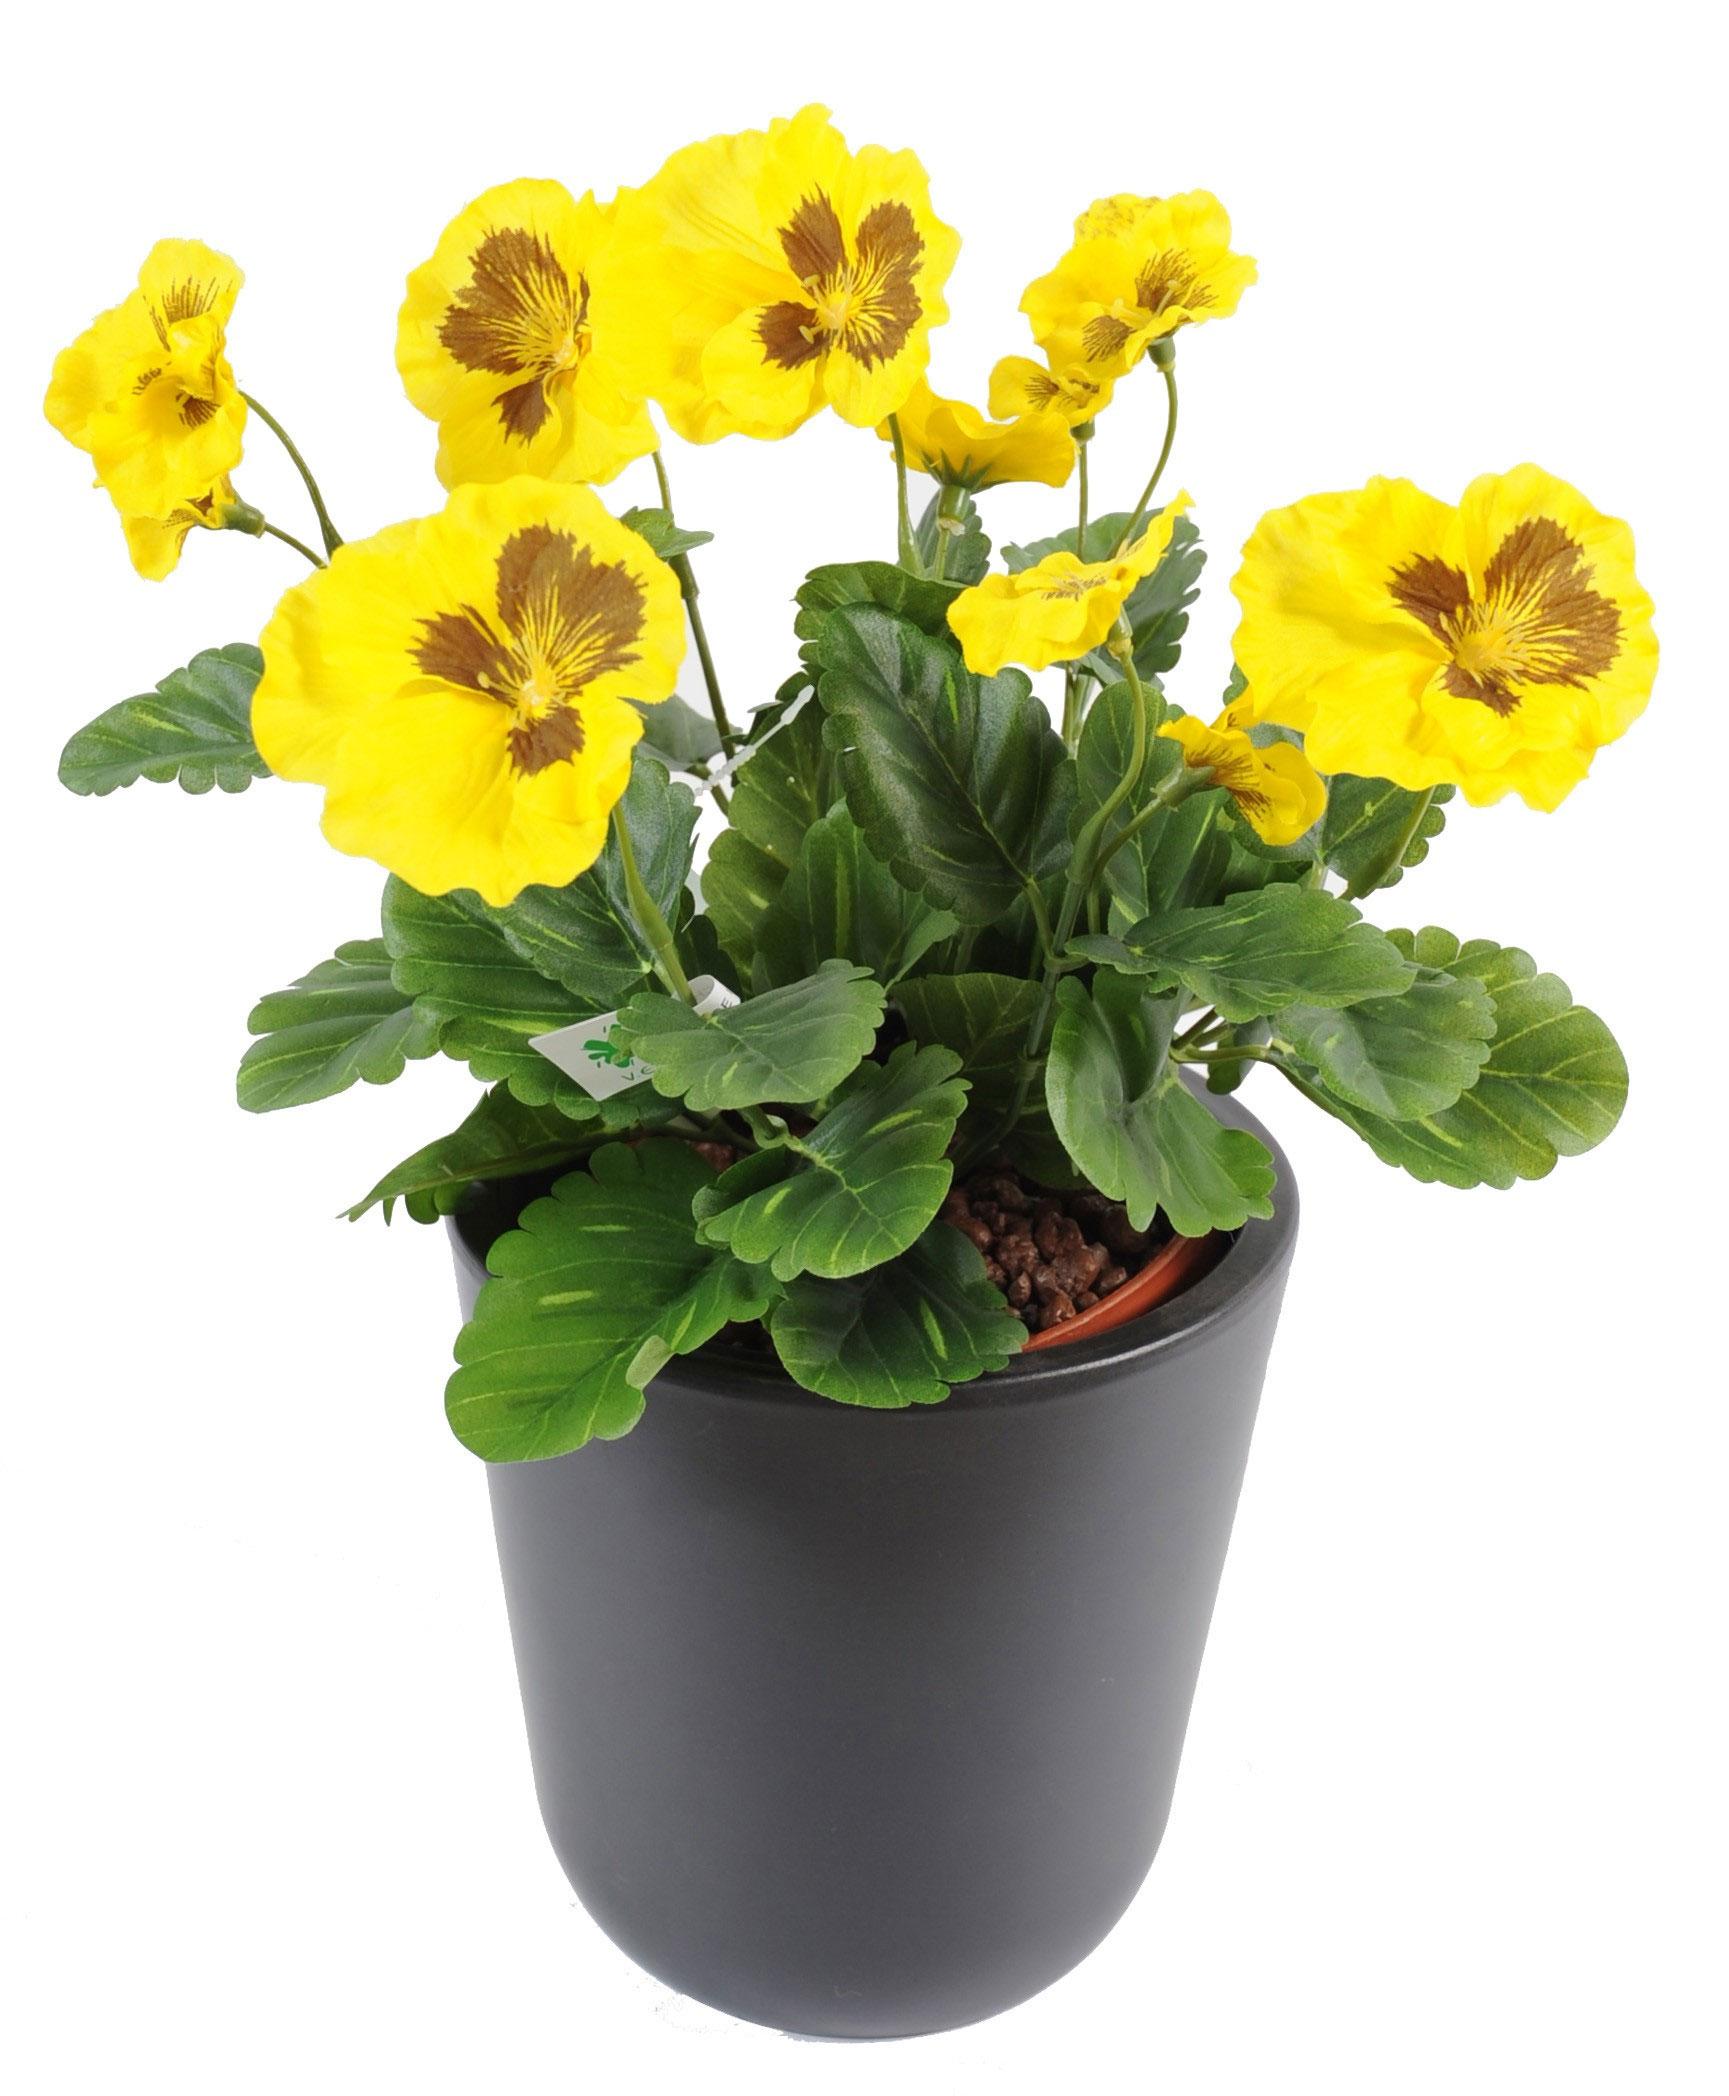 plante-artificielle-fleurie-pensee-jaune-1